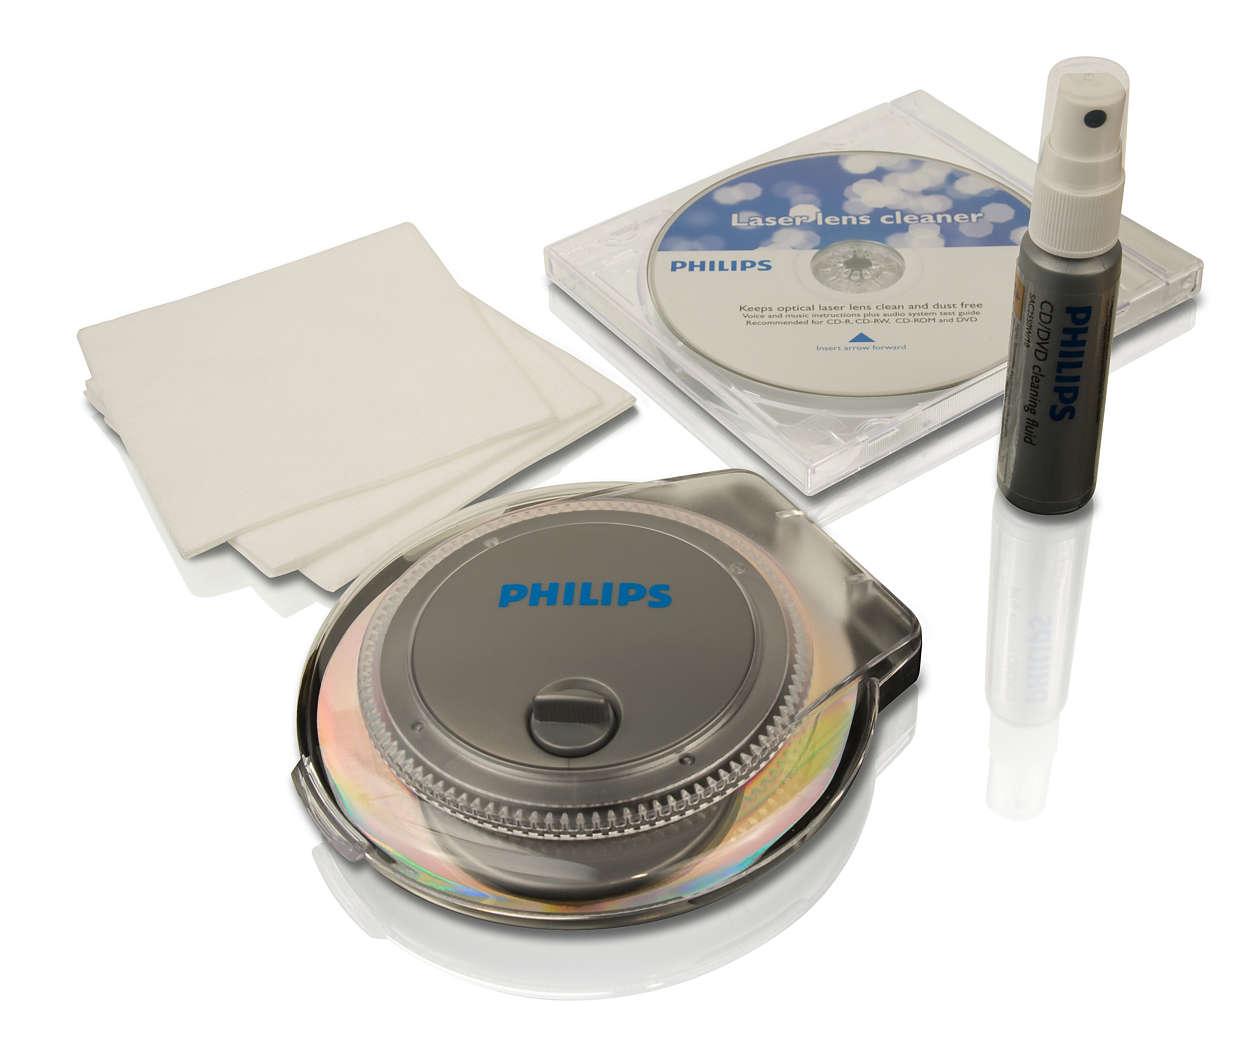 Kaikki mitä tarvitset CD- ja DVD-levyjen puhdistukseen